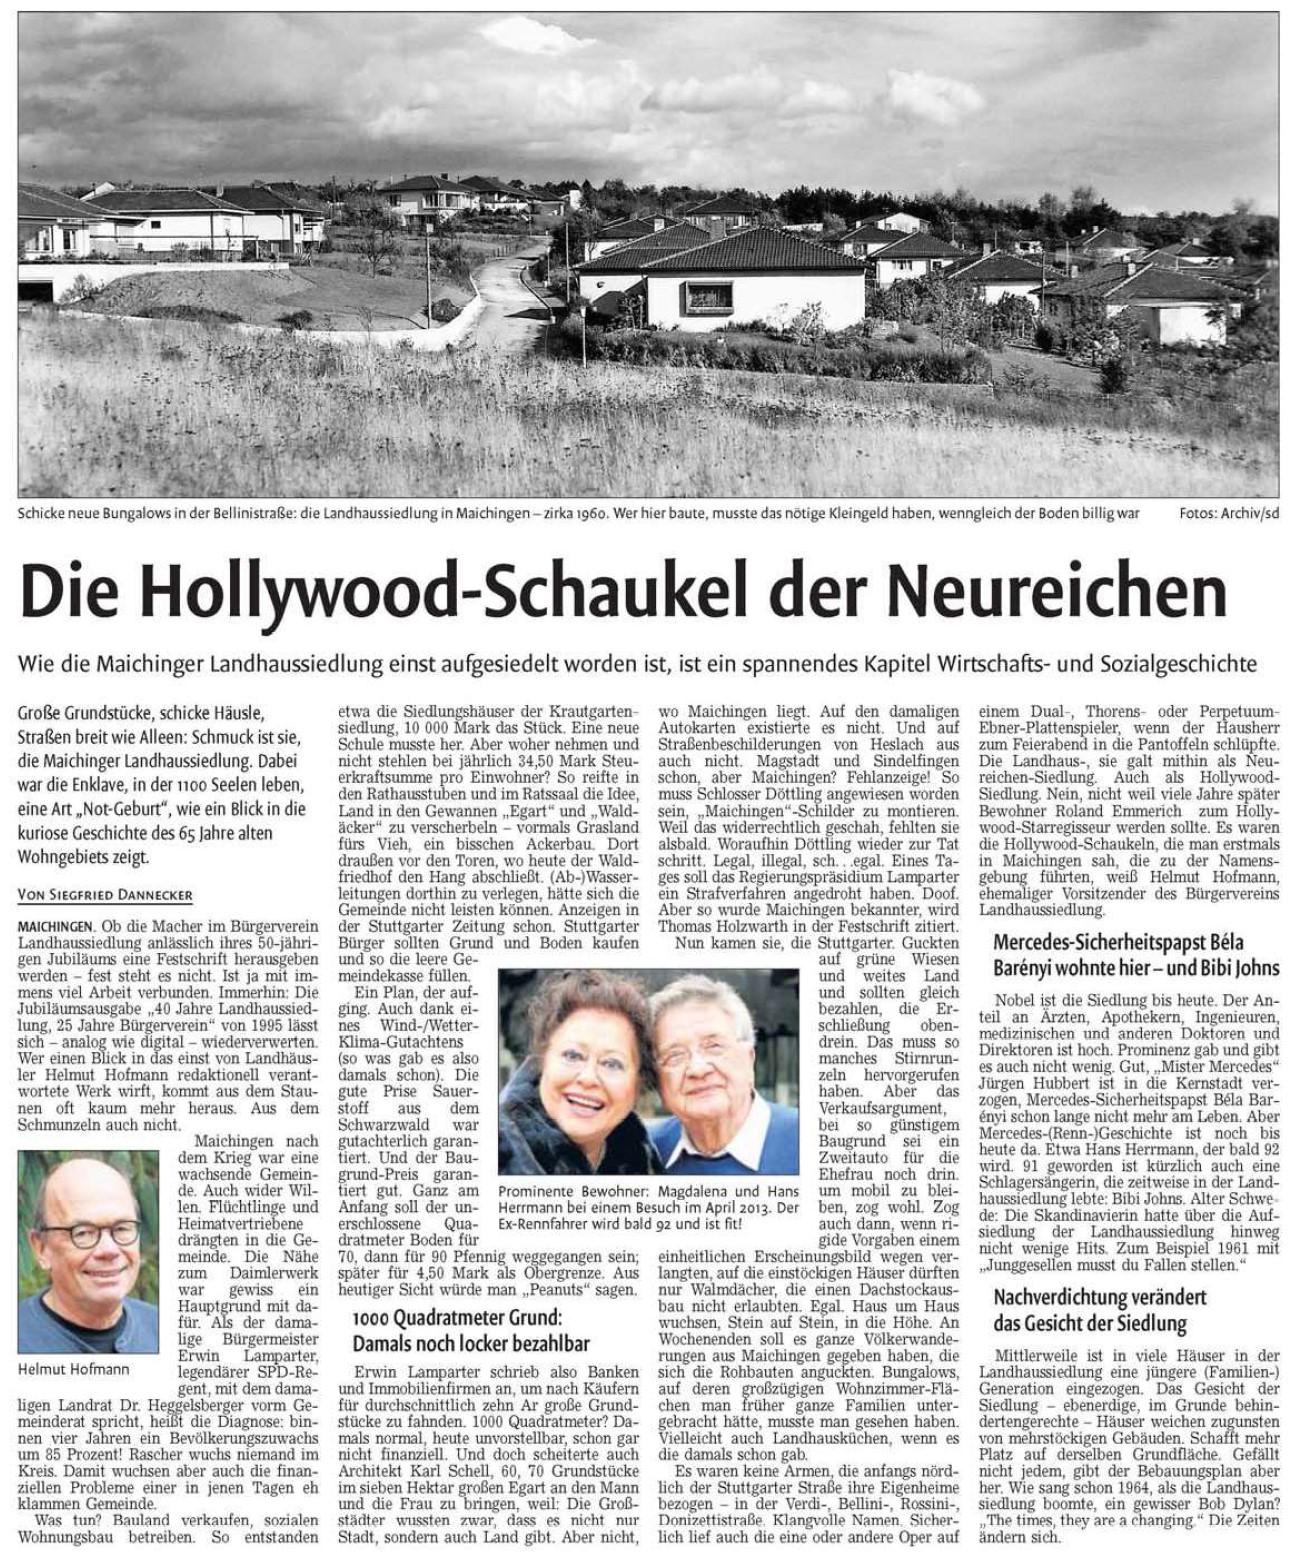 Bericht über 50 Jahre BVL (Kreiszeitung Böblinger Bote, 05.02.2020)